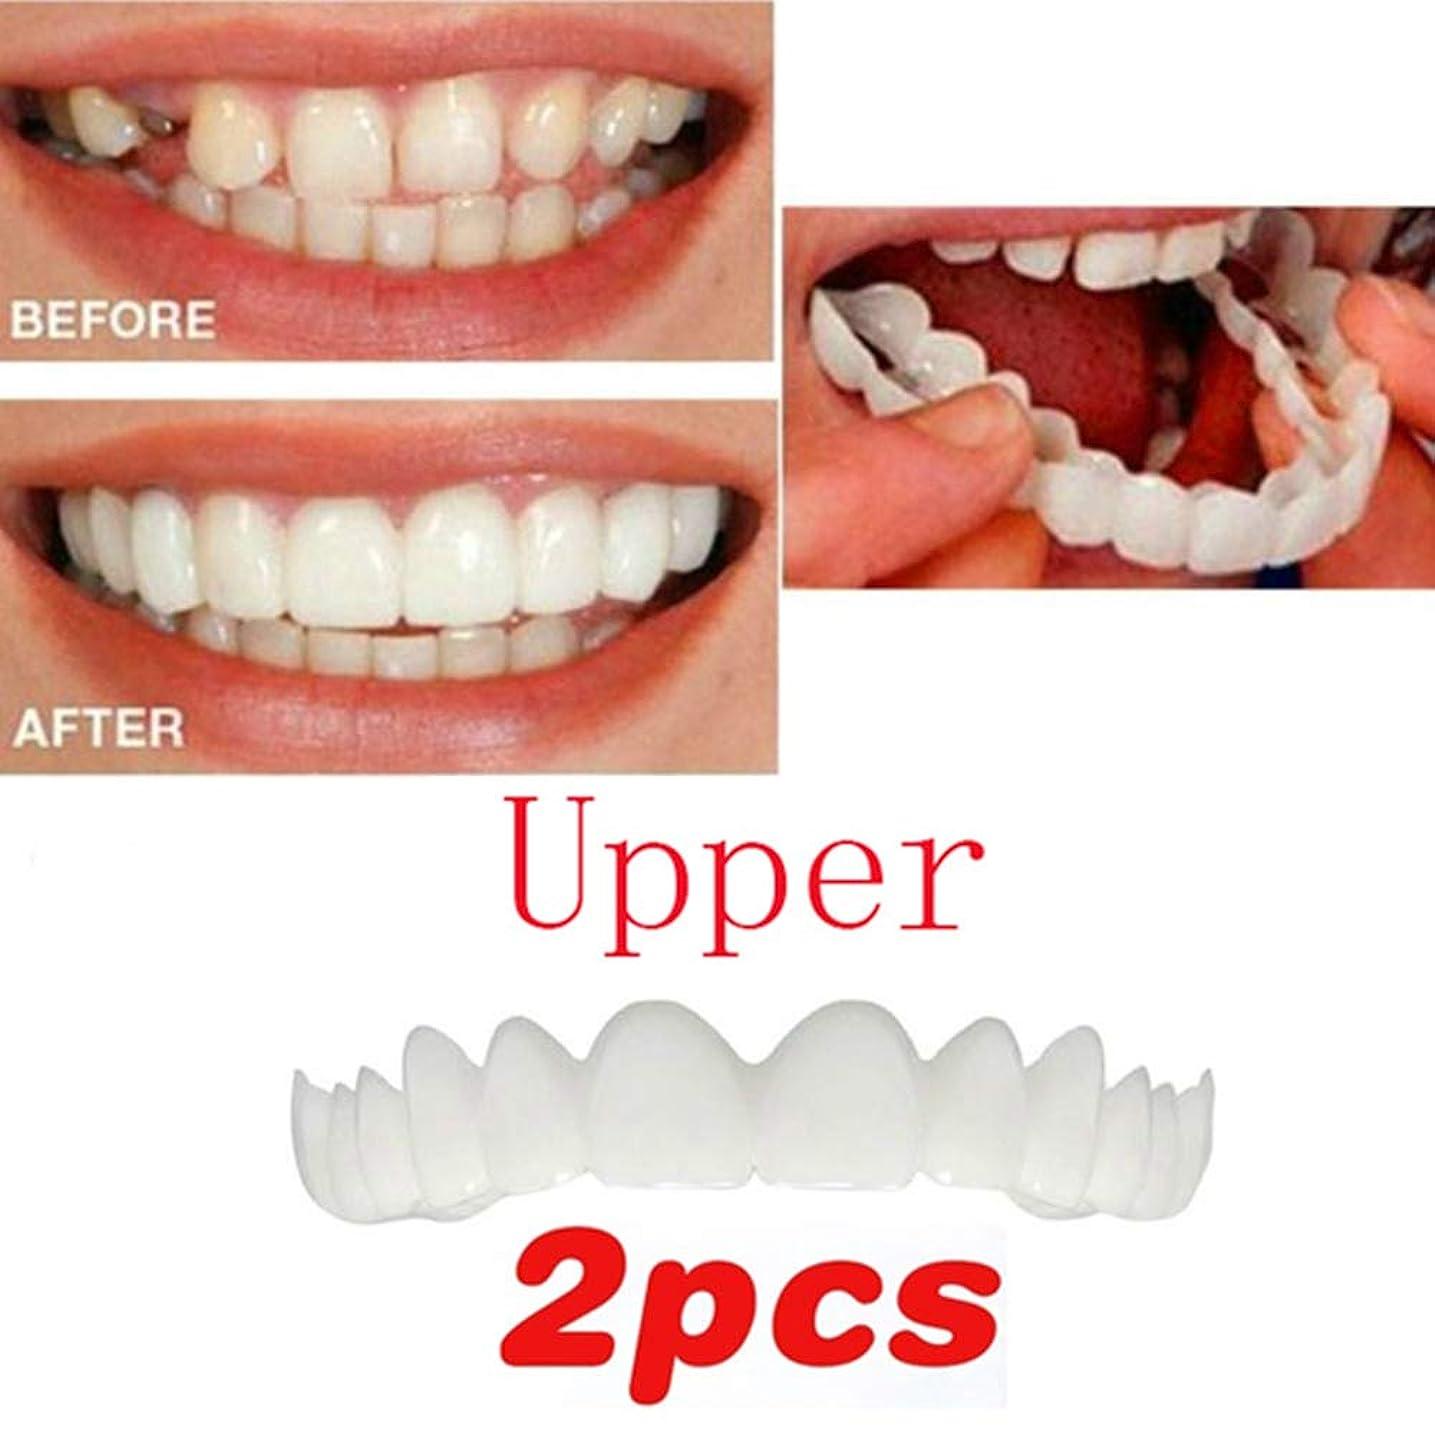 祖先夜明けにポータル2ピース上部行再利用可能な大人のスナップ完璧な笑顔ホワイトニング義歯柔らかい化粧品に適し歯快適なベニヤカバーデンタルケアアクセサリー